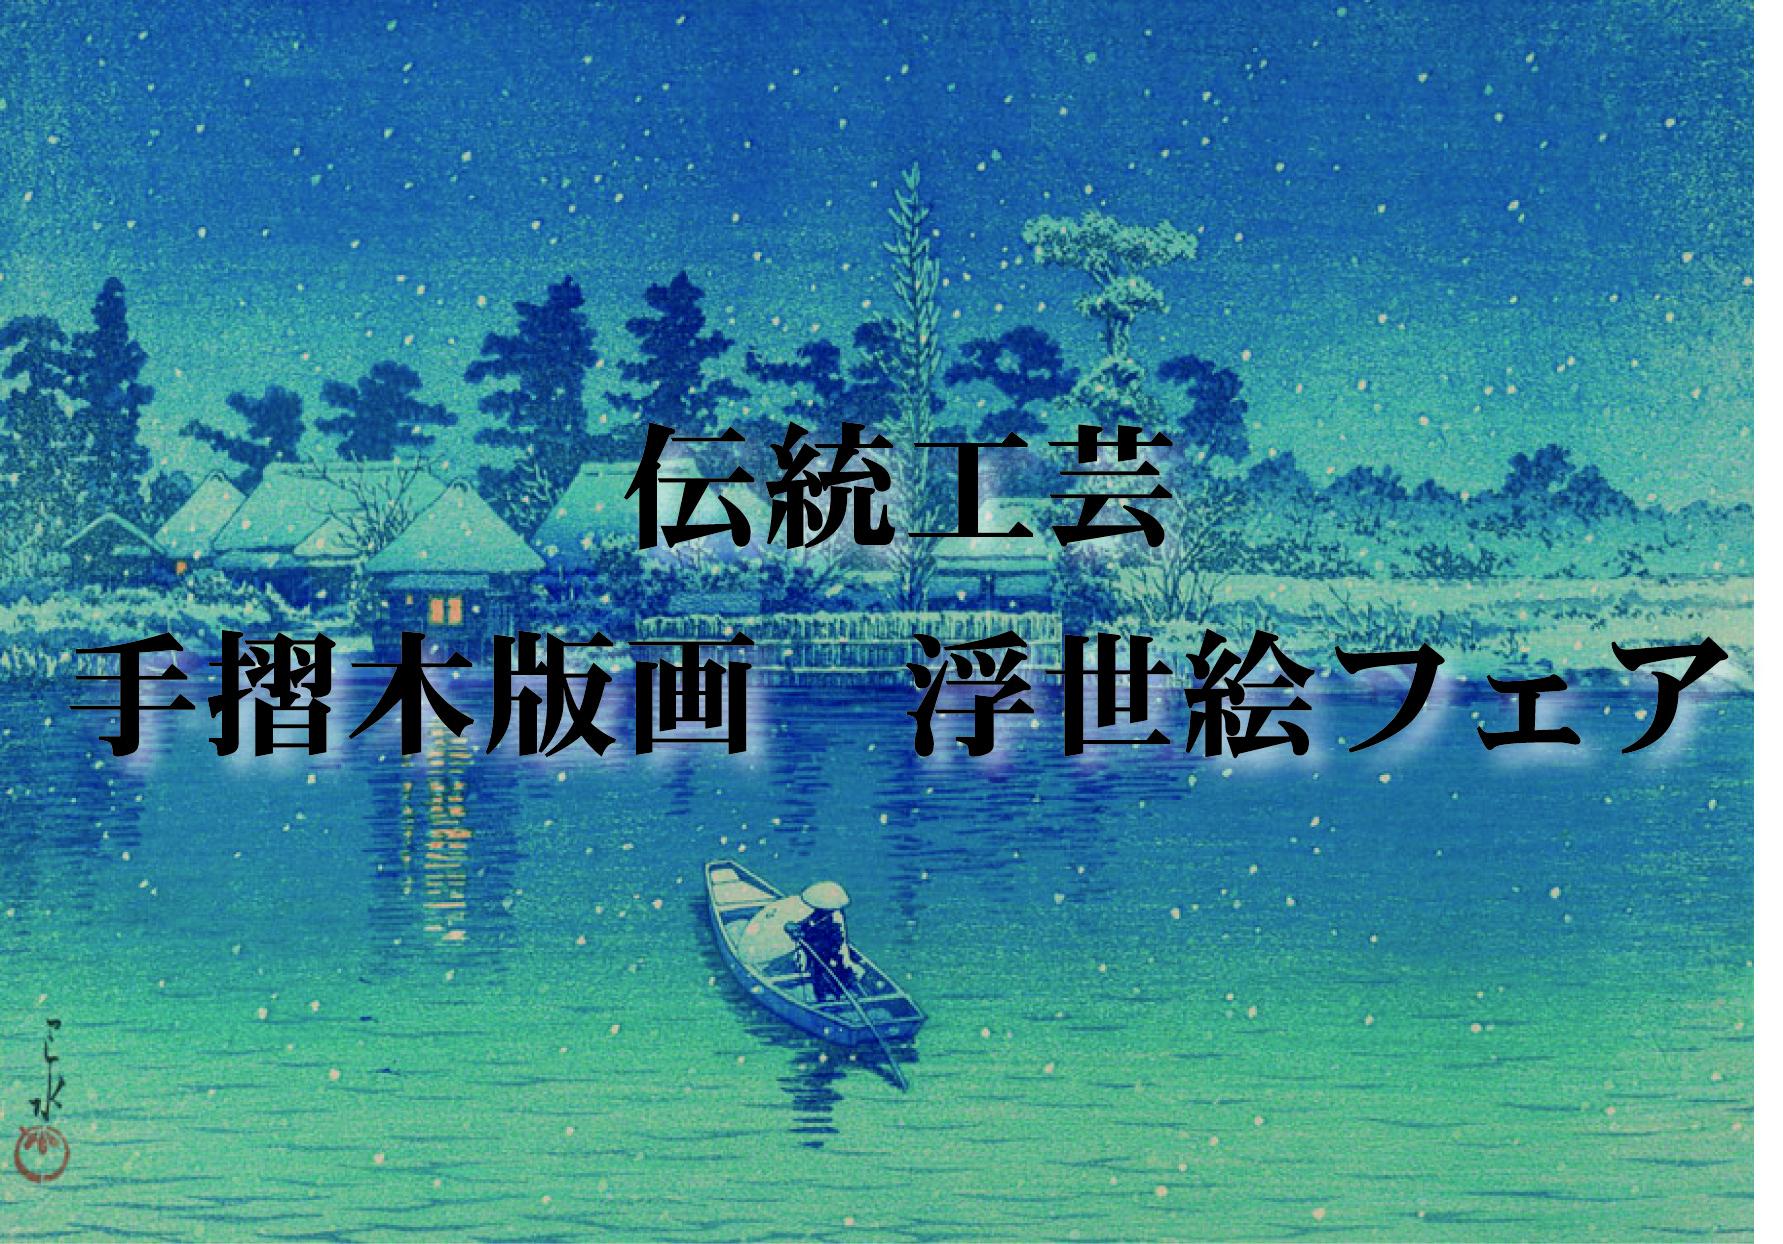 紀伊國屋書店:伝統工芸「手摺木版画 浮世絵フェア」